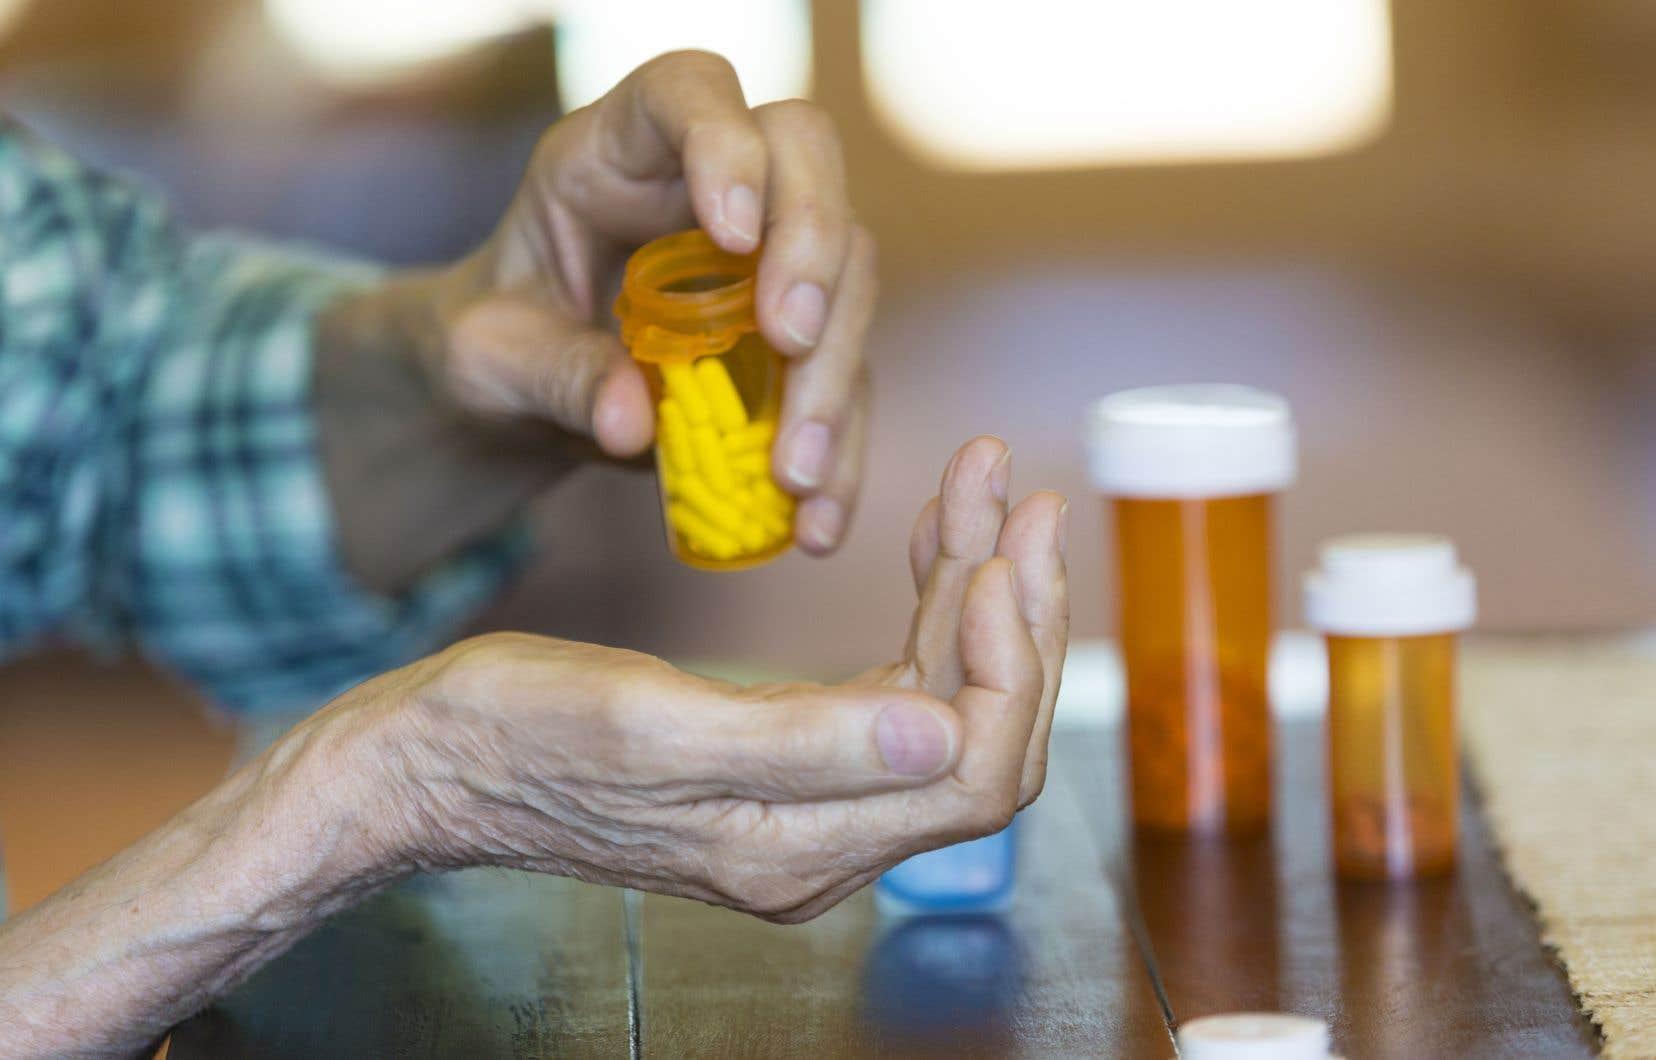 Les personnes âgées meurent à cause des médicaments qu'elles prennent en trop grand nombre, déplore l'auteur.